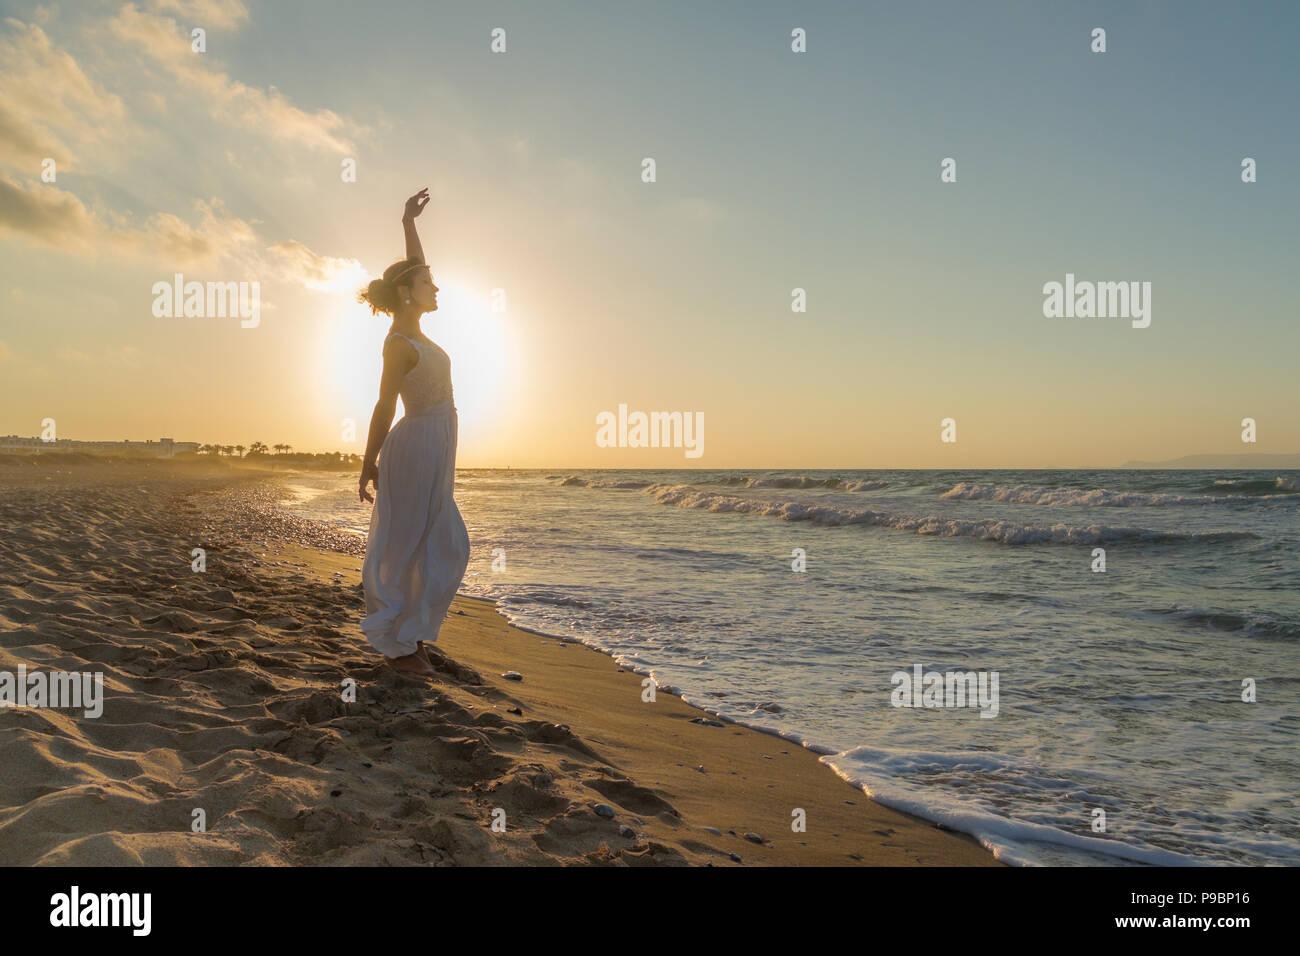 Femme aux bras levés, pieds nus, se sentir heureux, vivant et libre dans la nature en méditant à sandy beach misty propre respiration d'air frais de l'océan au crépuscule. Vacances d'concept de vie Banque D'Images